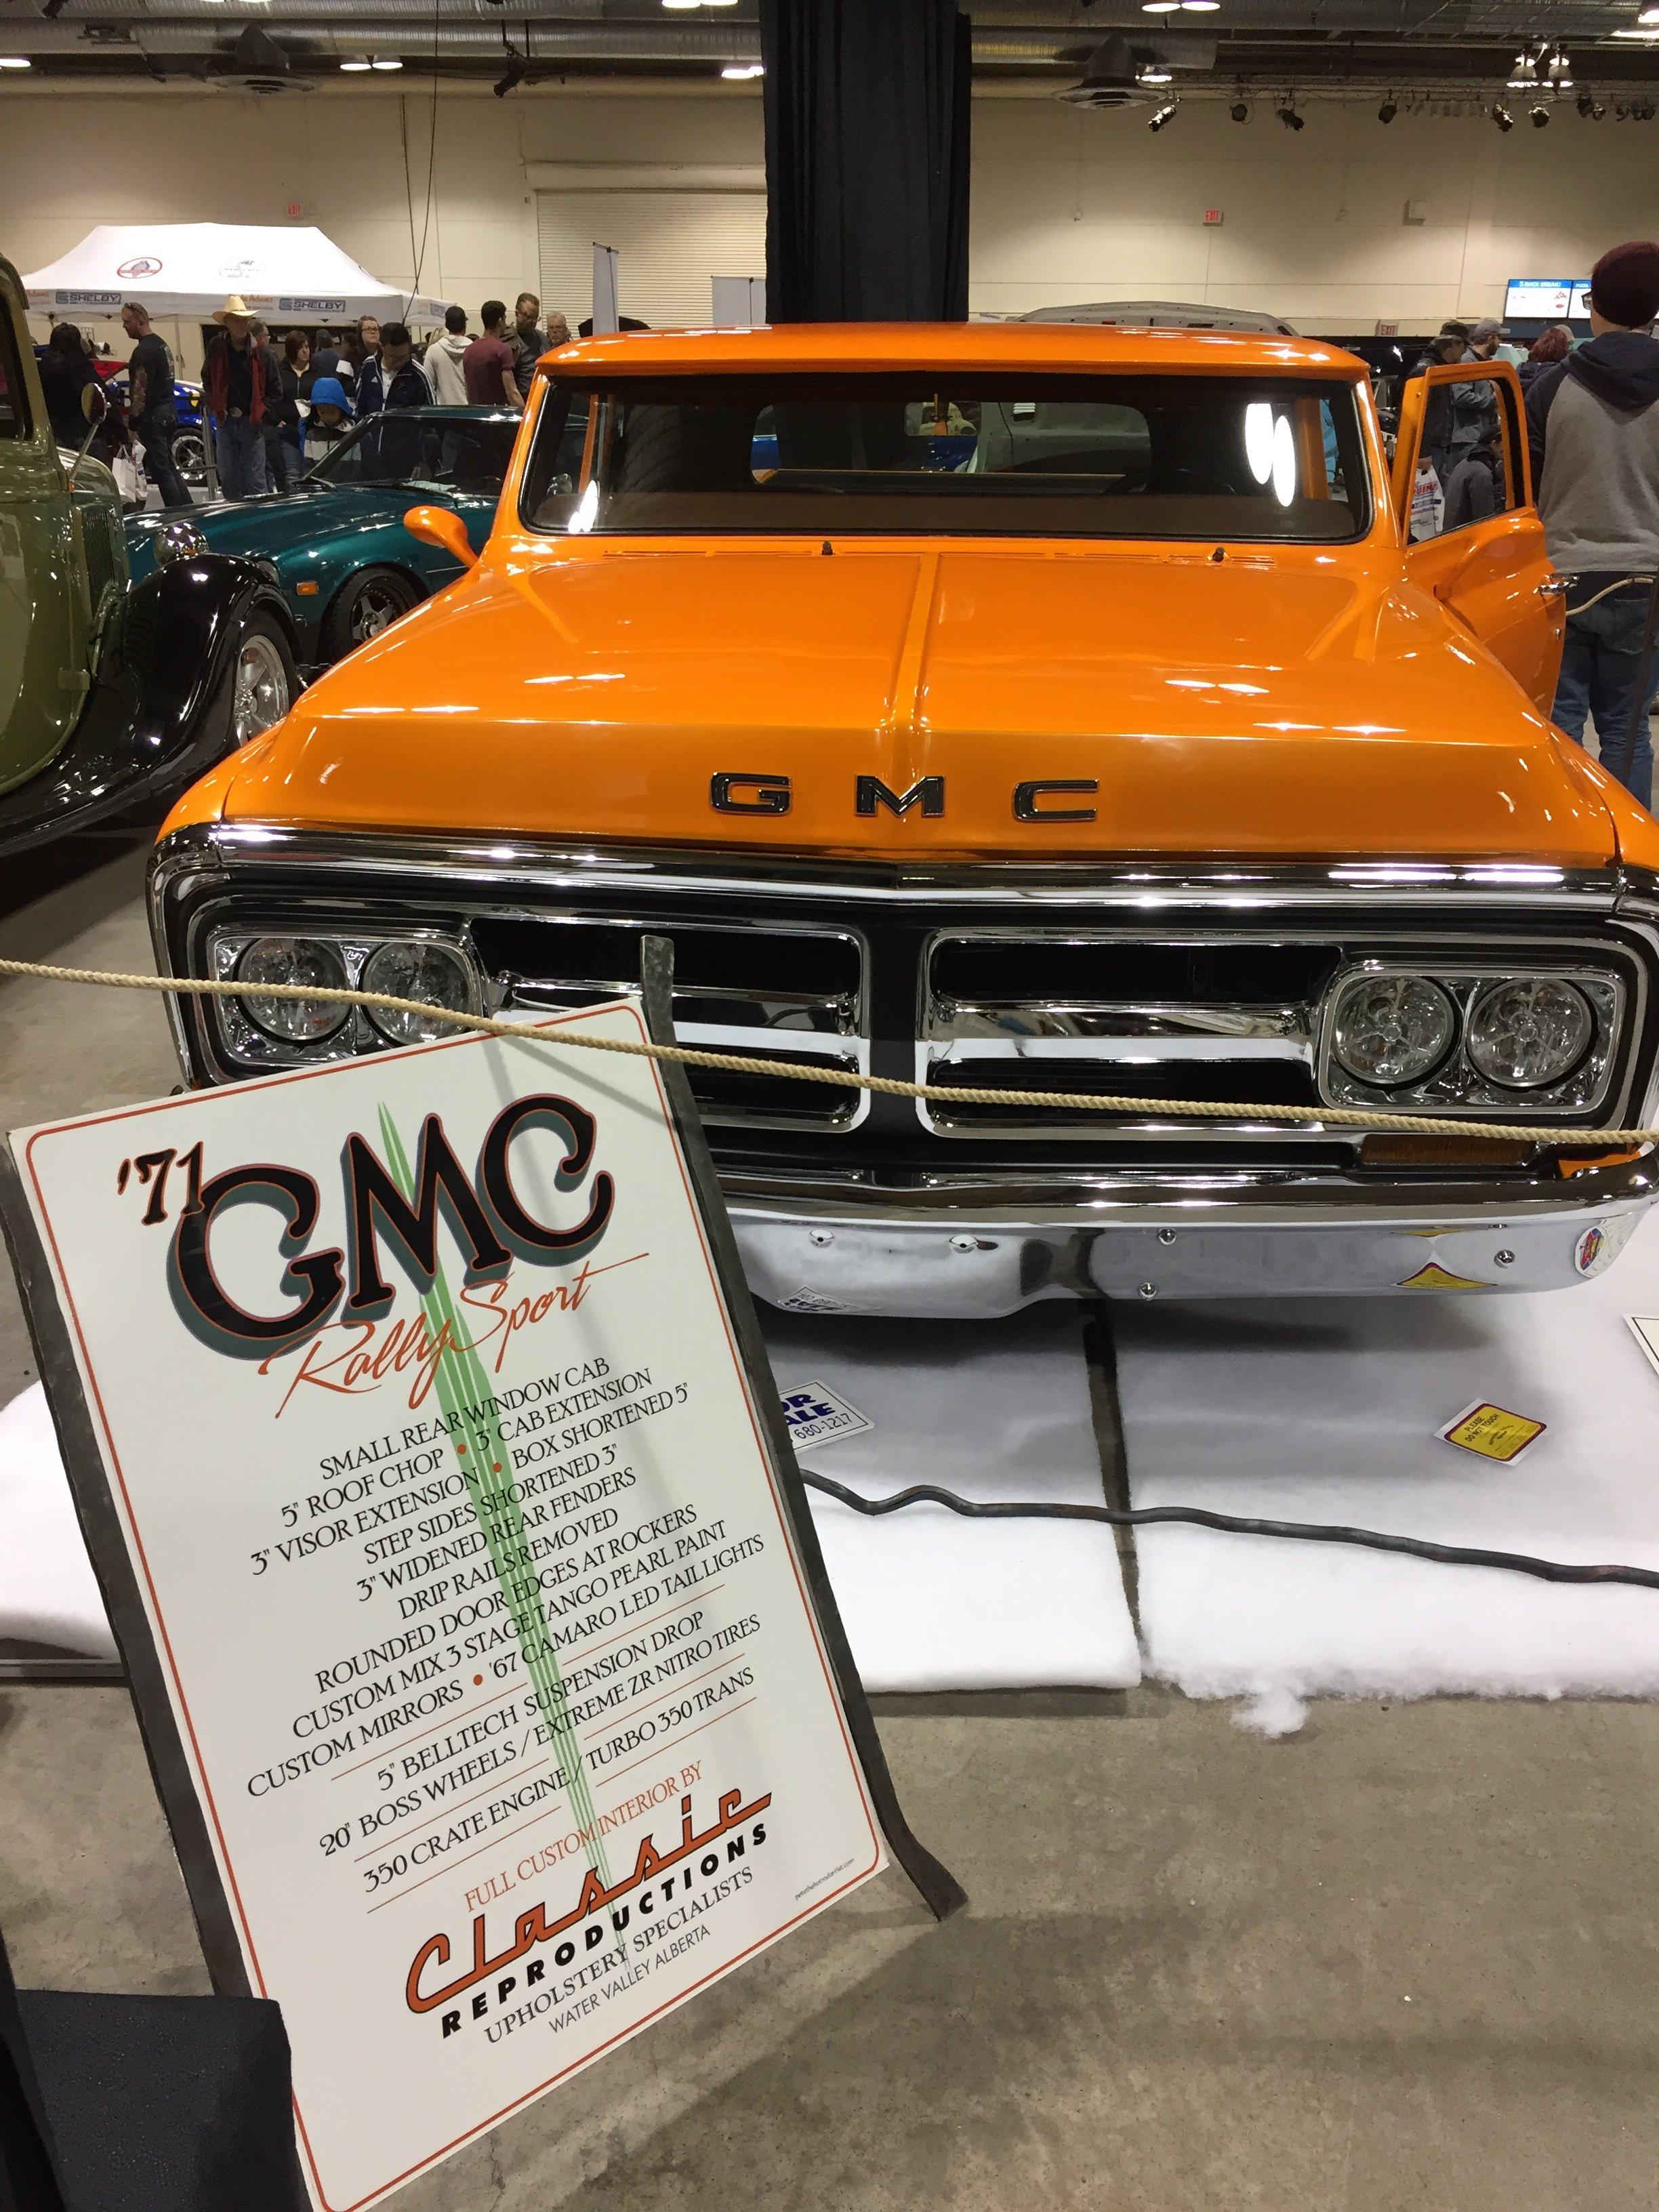 1971 GMC truck show sign